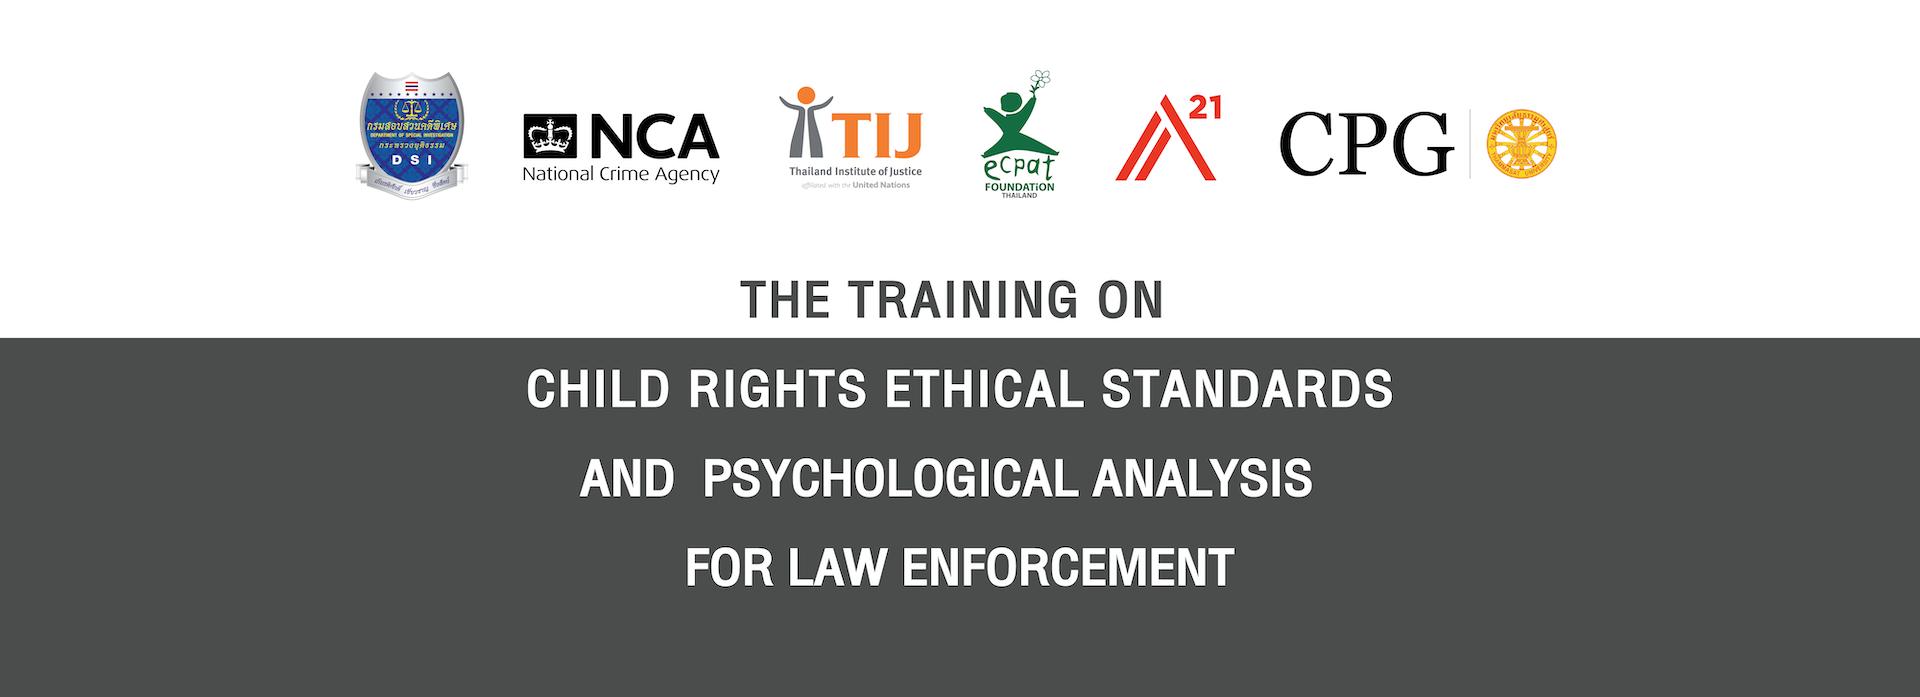 TIJ จับมือ 5 องค์กรพันธมิตร เชื่อมองค์ความรู้พัฒนาจริยธรรมและจิตวิทยาพิทักษ์สิทธิเด็ก